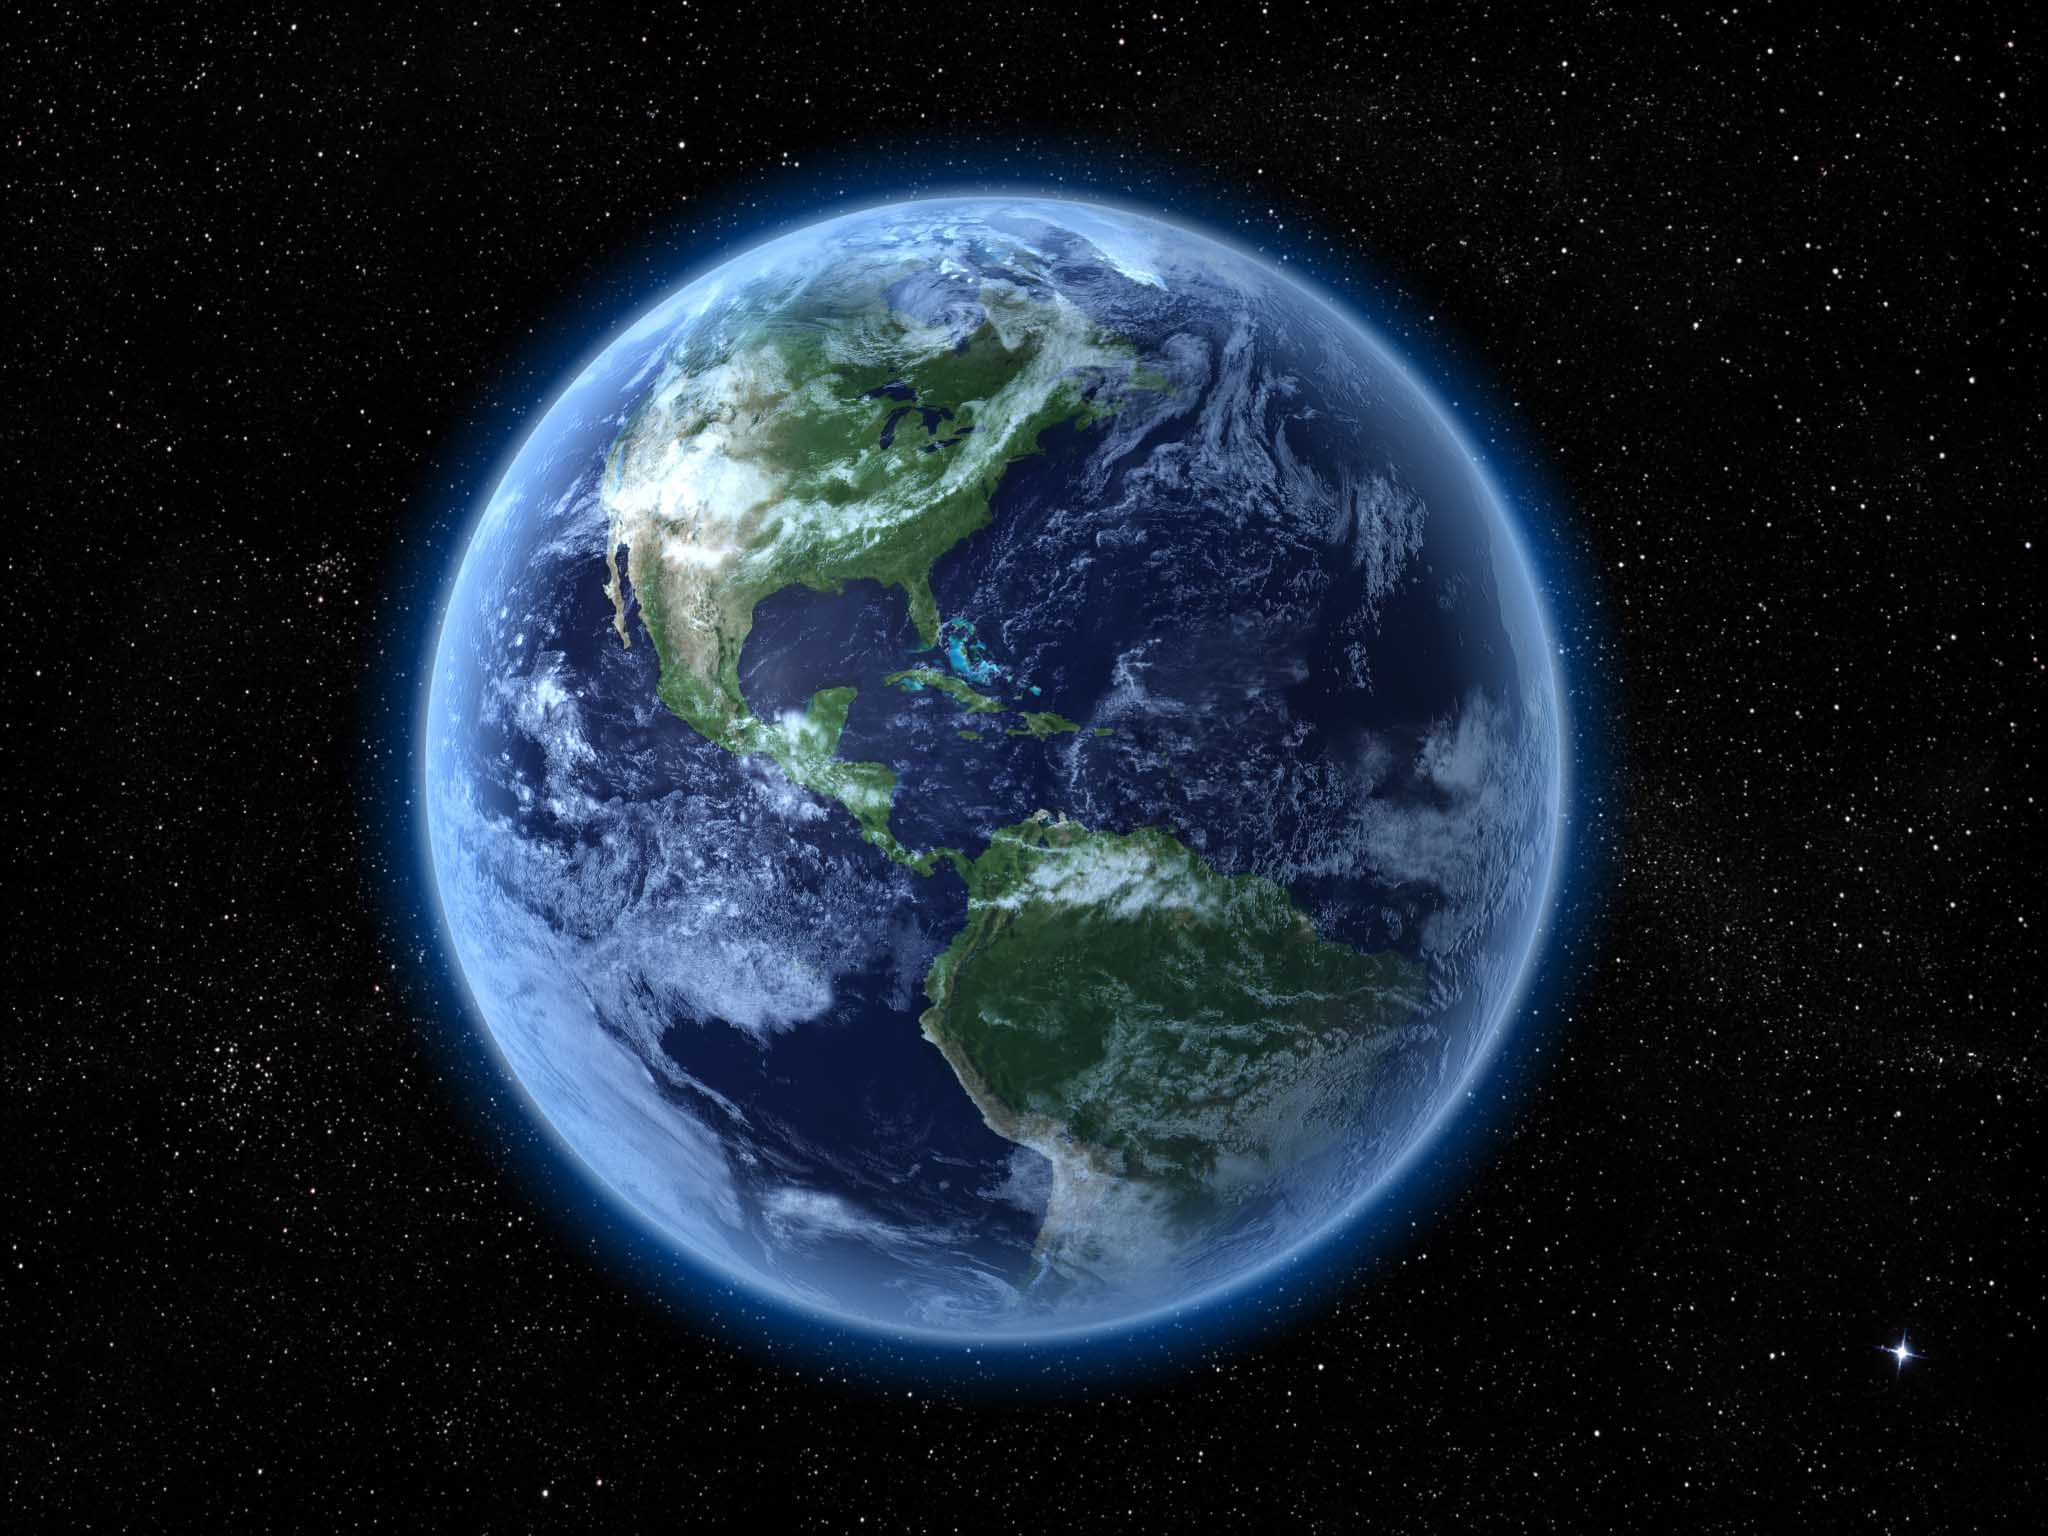 地球-你梦想有一天要去太空旅行,这些冷知识就是登太空船的出行指南